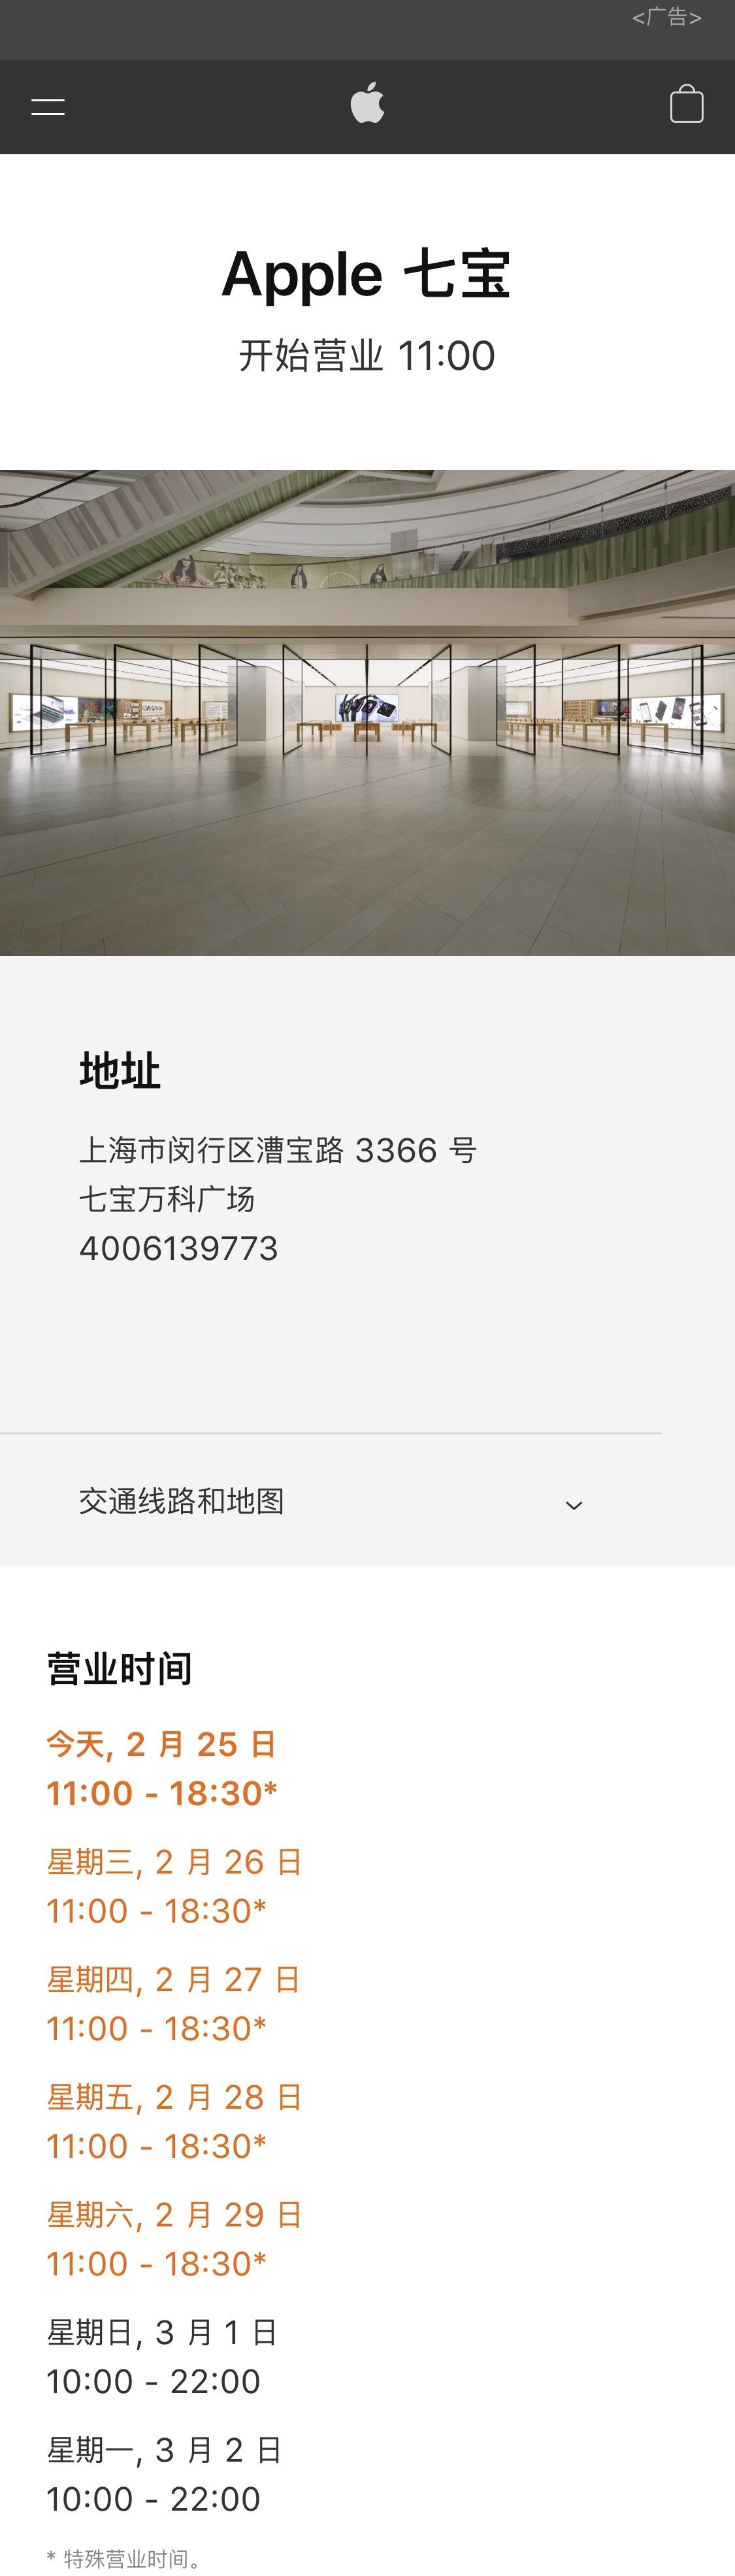 苹果42家中国零售店现已重新开放29家